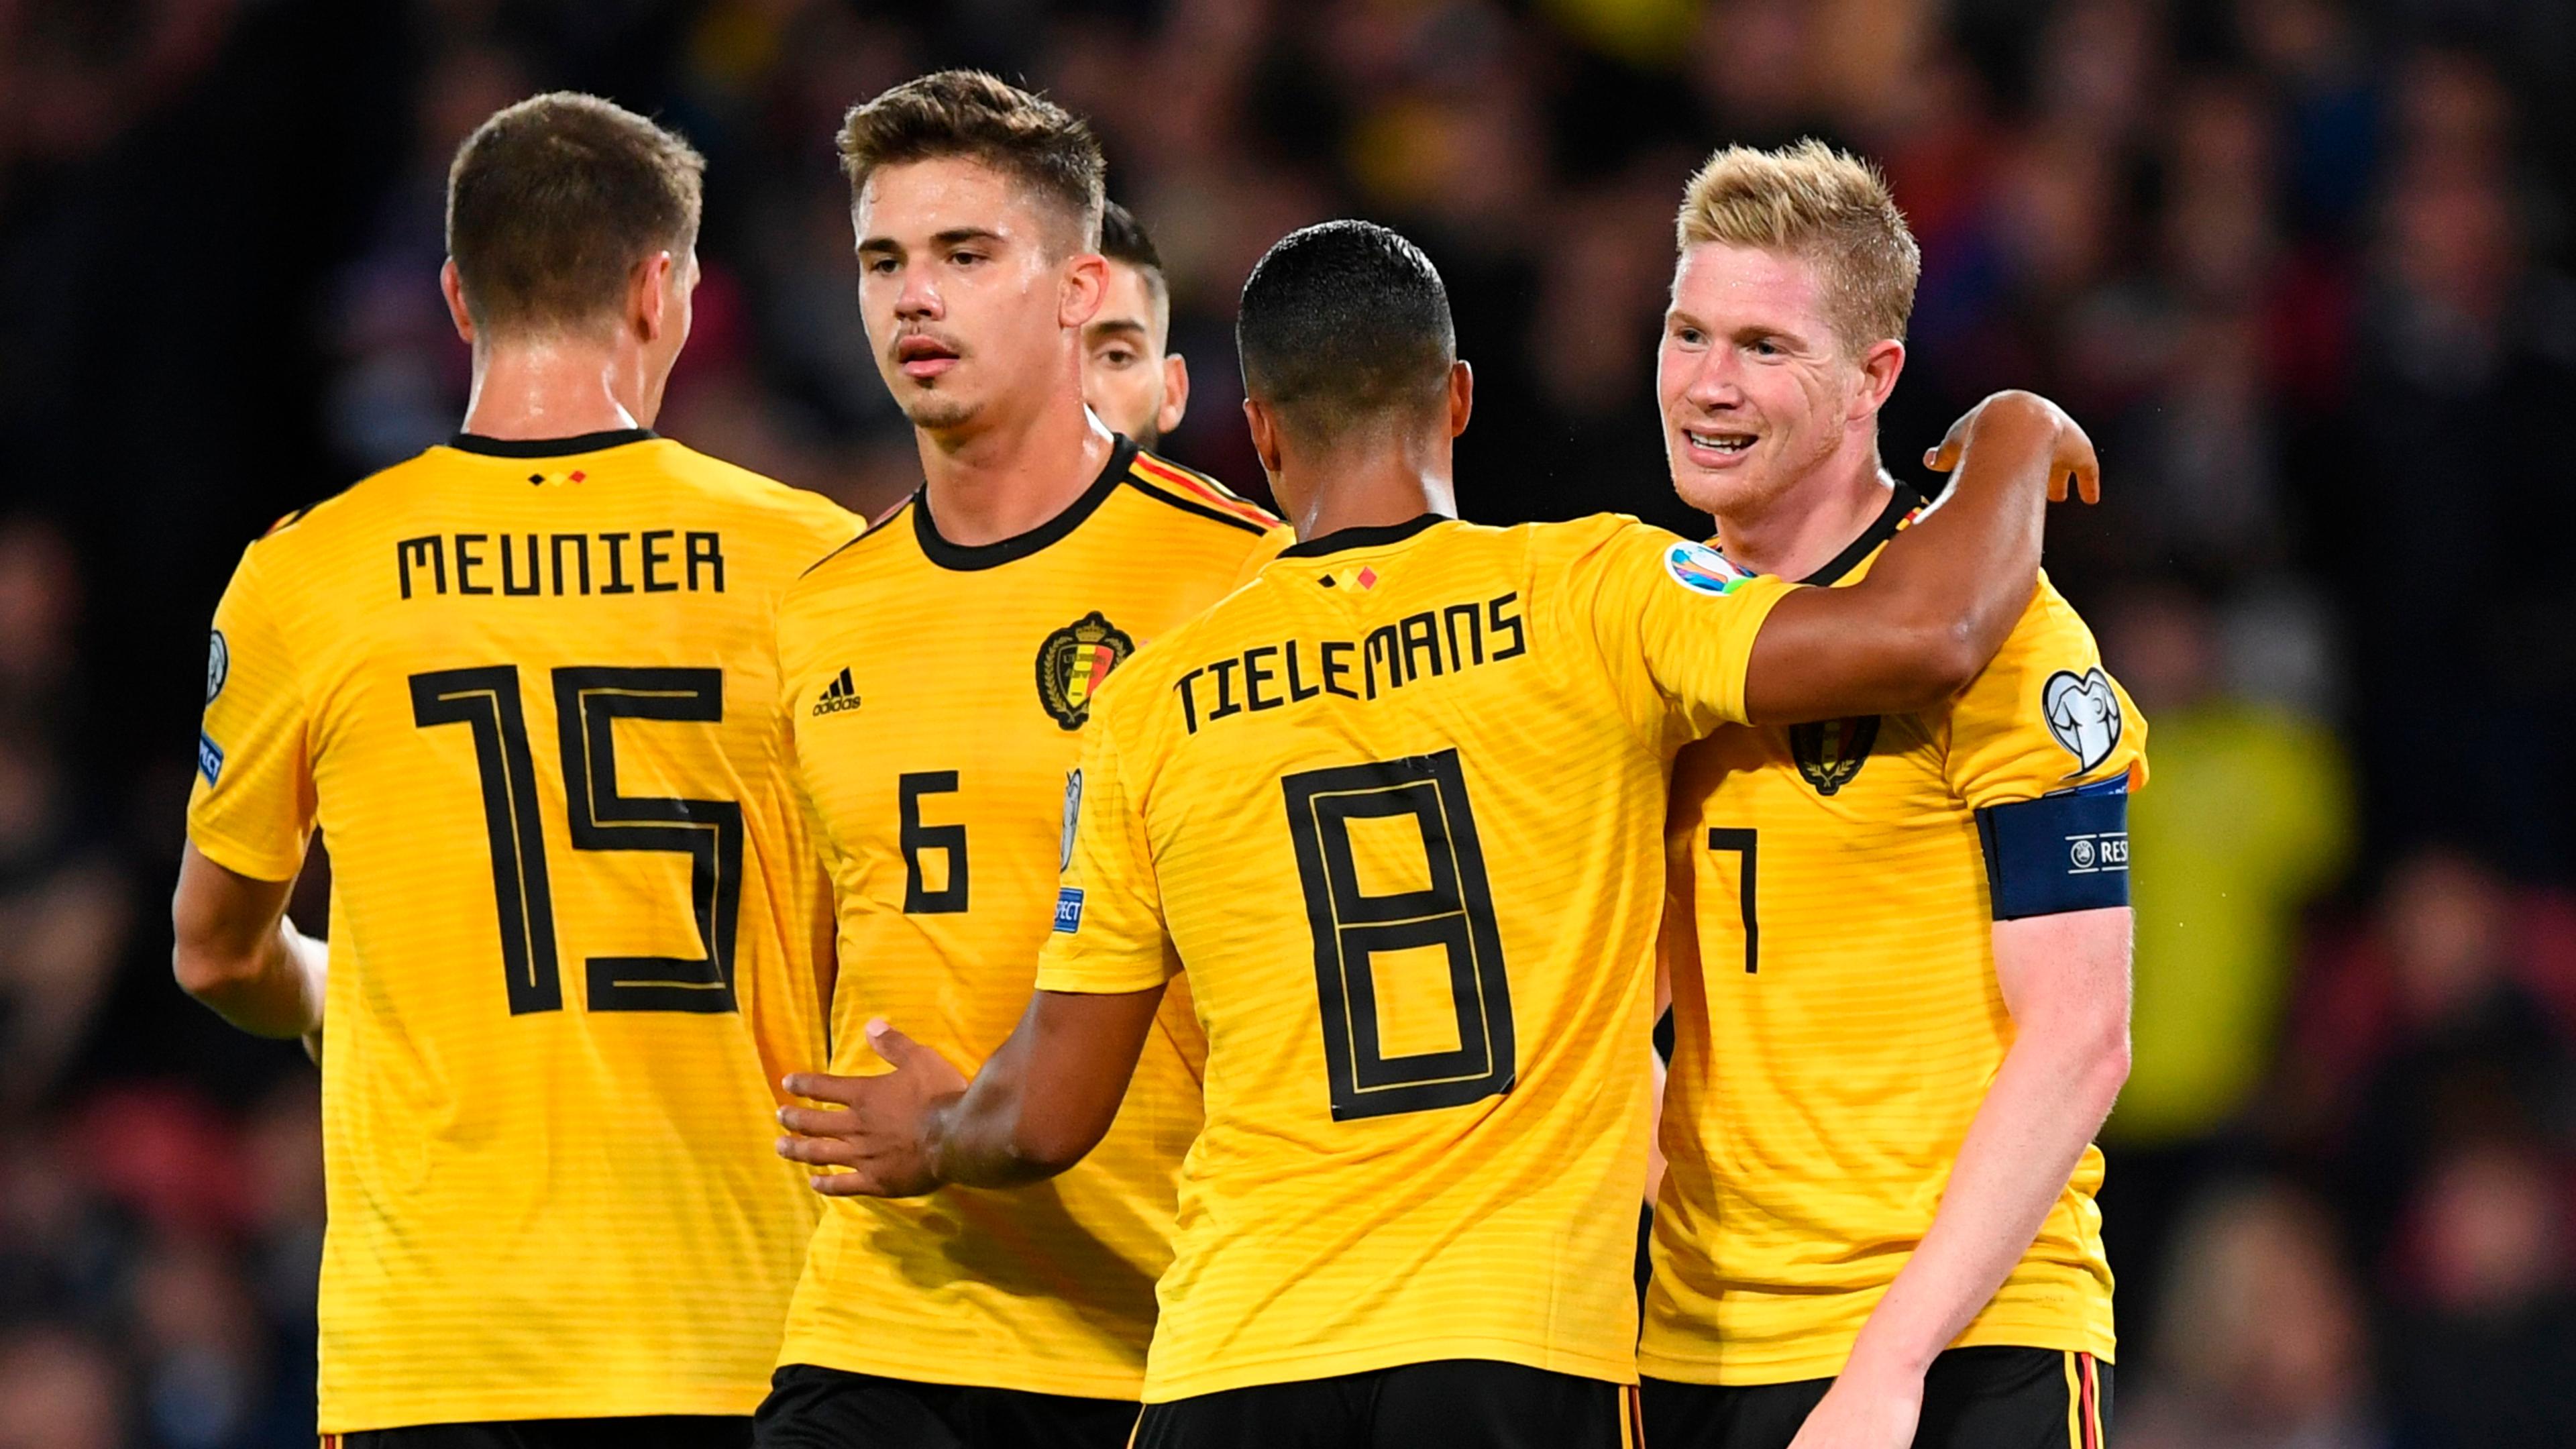 Classement FIFA - La Belgique reste en tête devant les Bleus